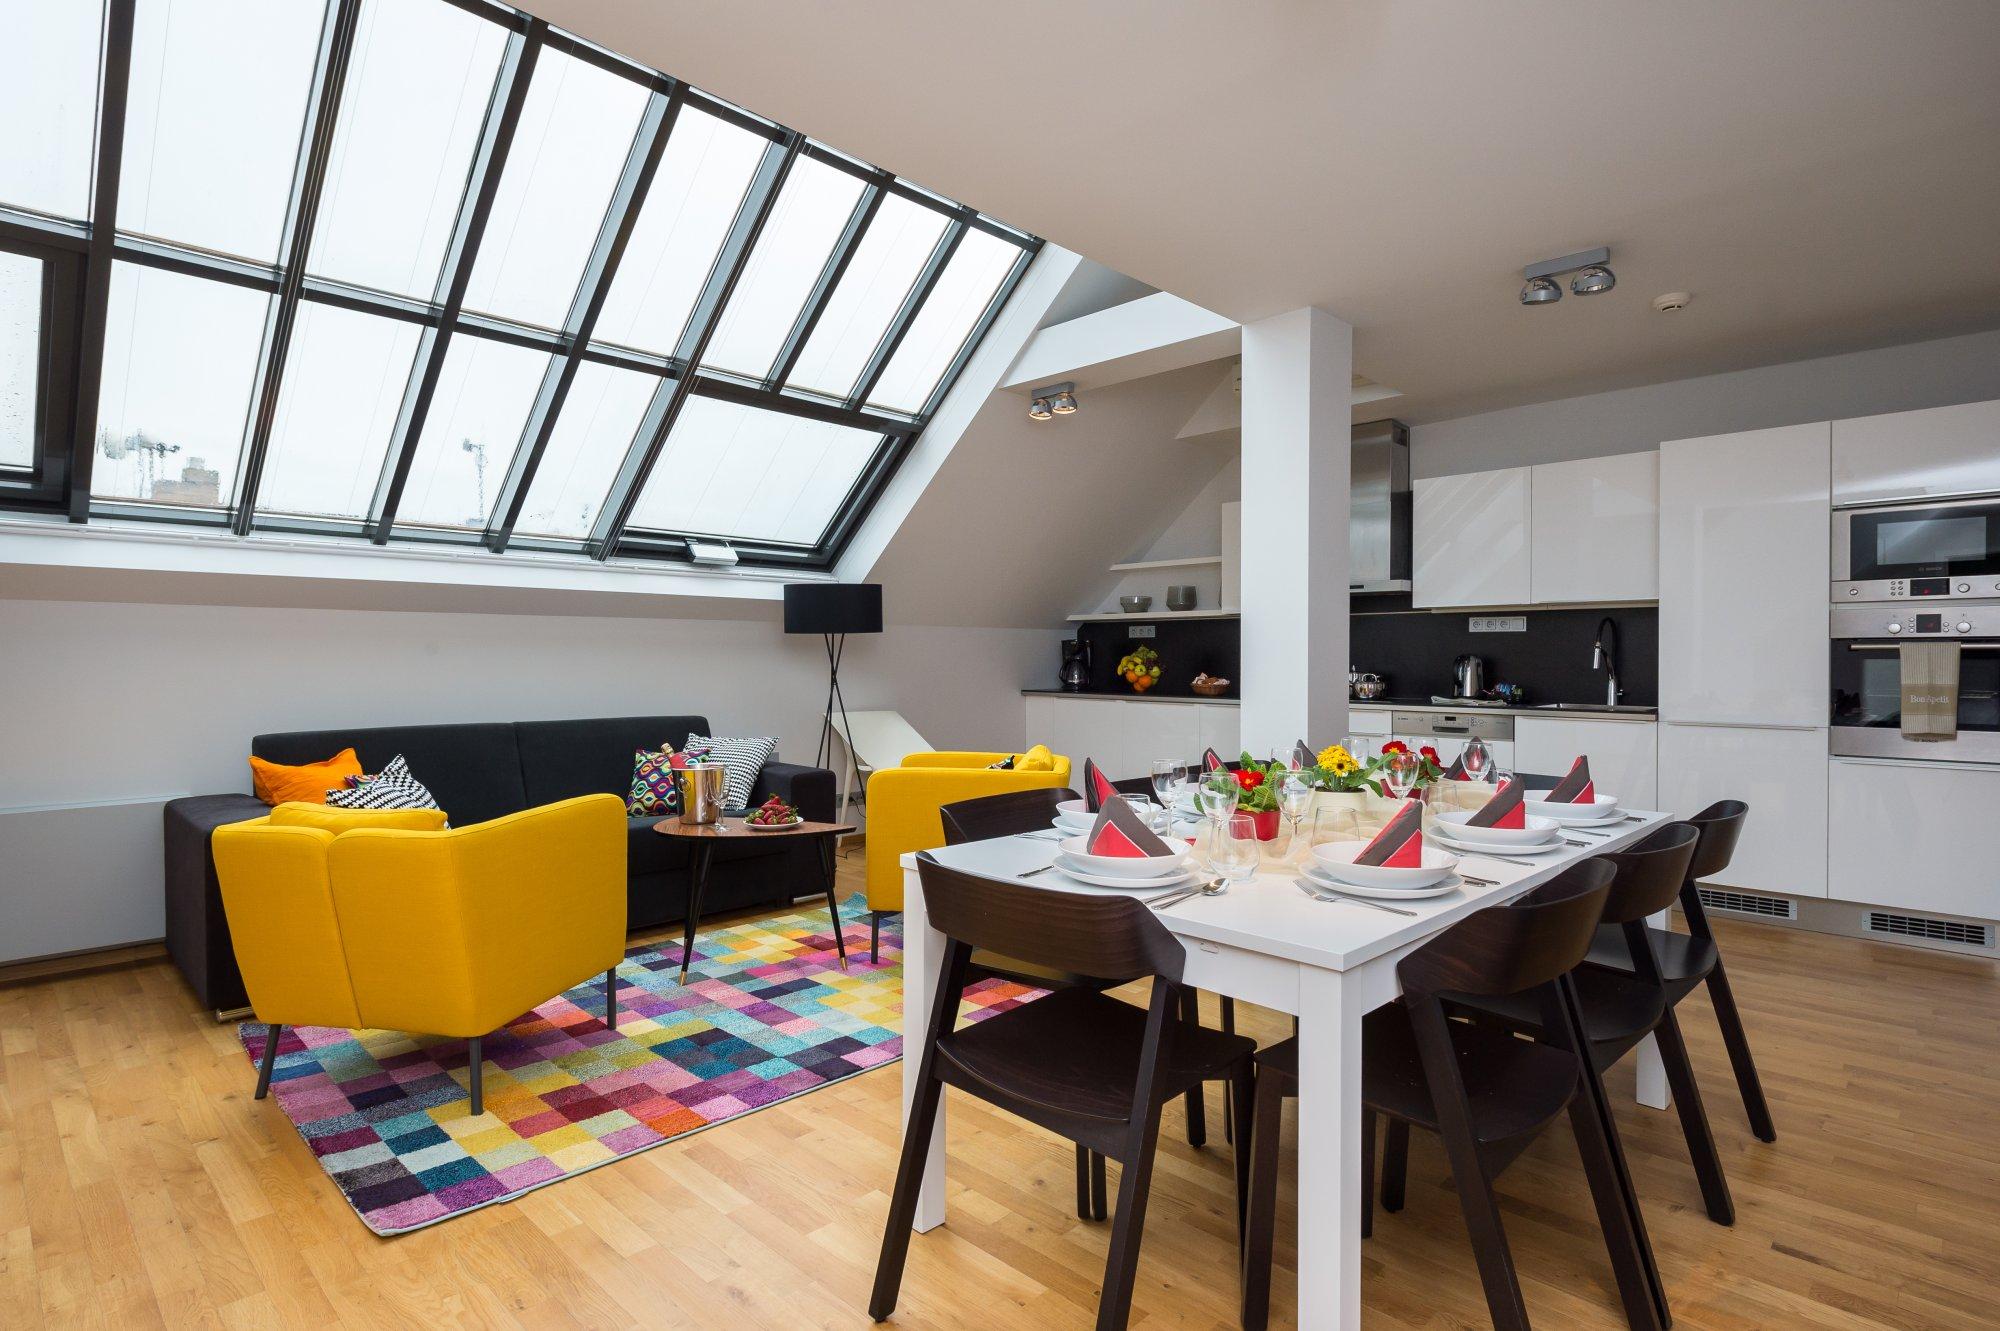 Půdní byt 4+kk, plocha 143 m², ulice Růžová, Praha 1 - Nové Město | 2